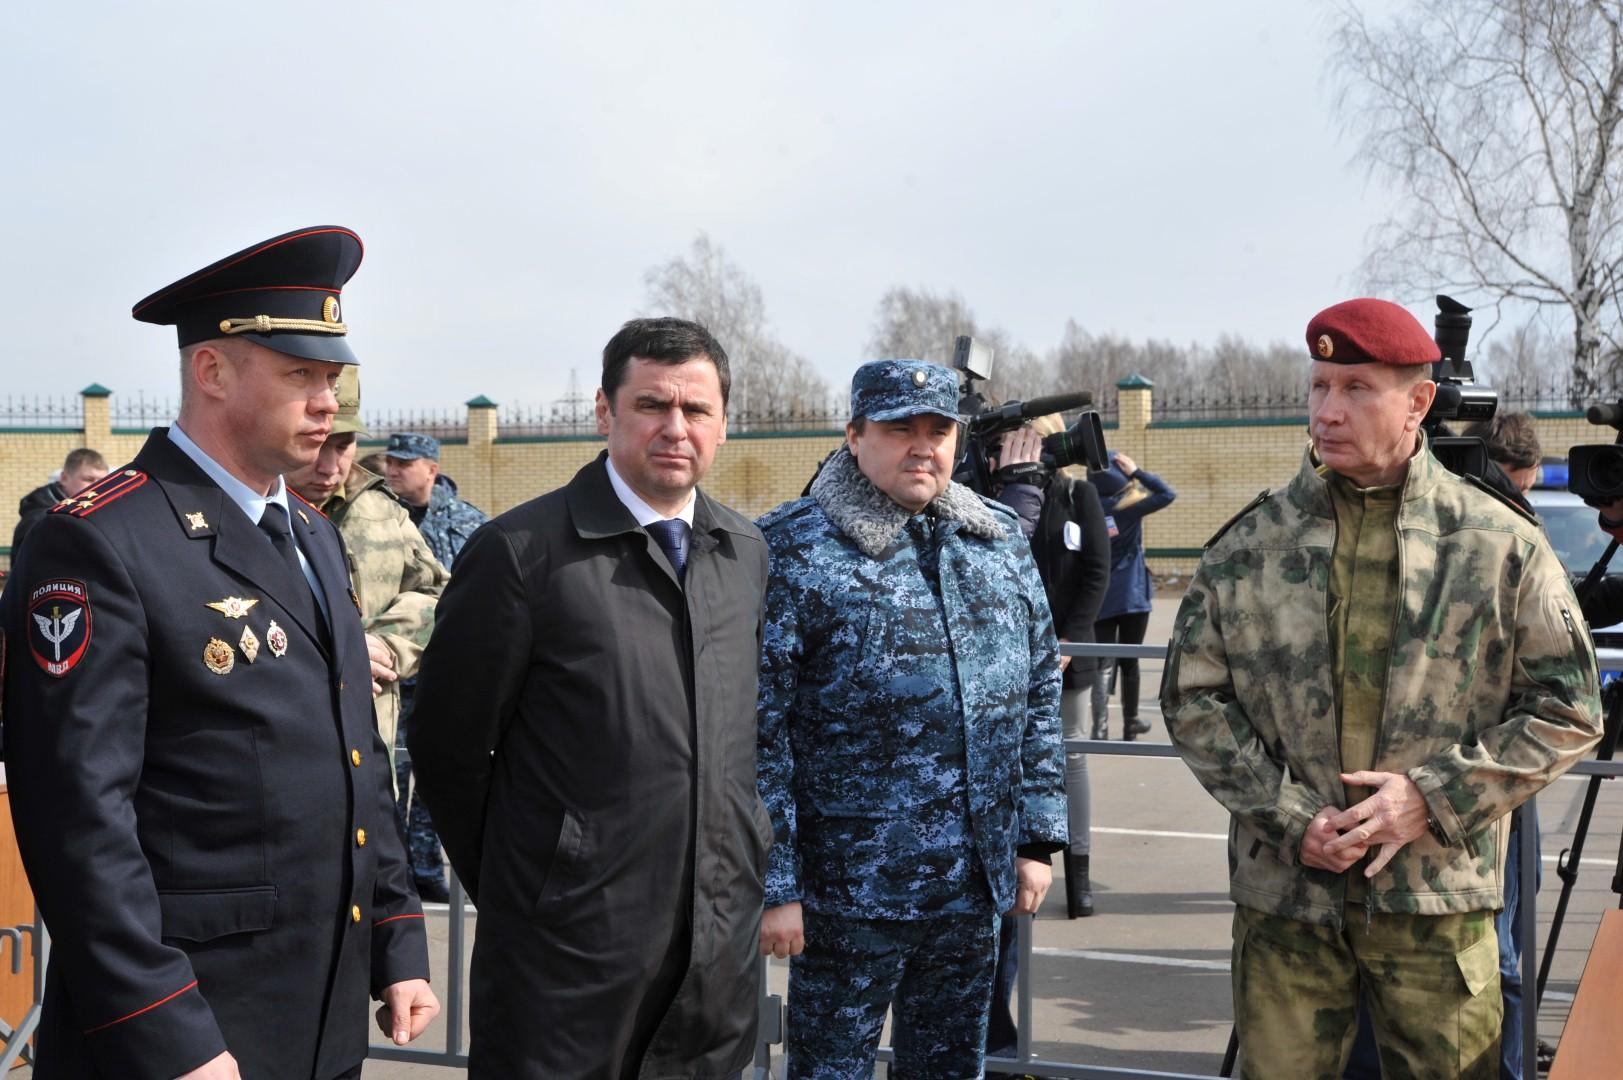 Визит главы Росгвардии в Ярославль: в области будет введена система оперативной защиты фельдшеров